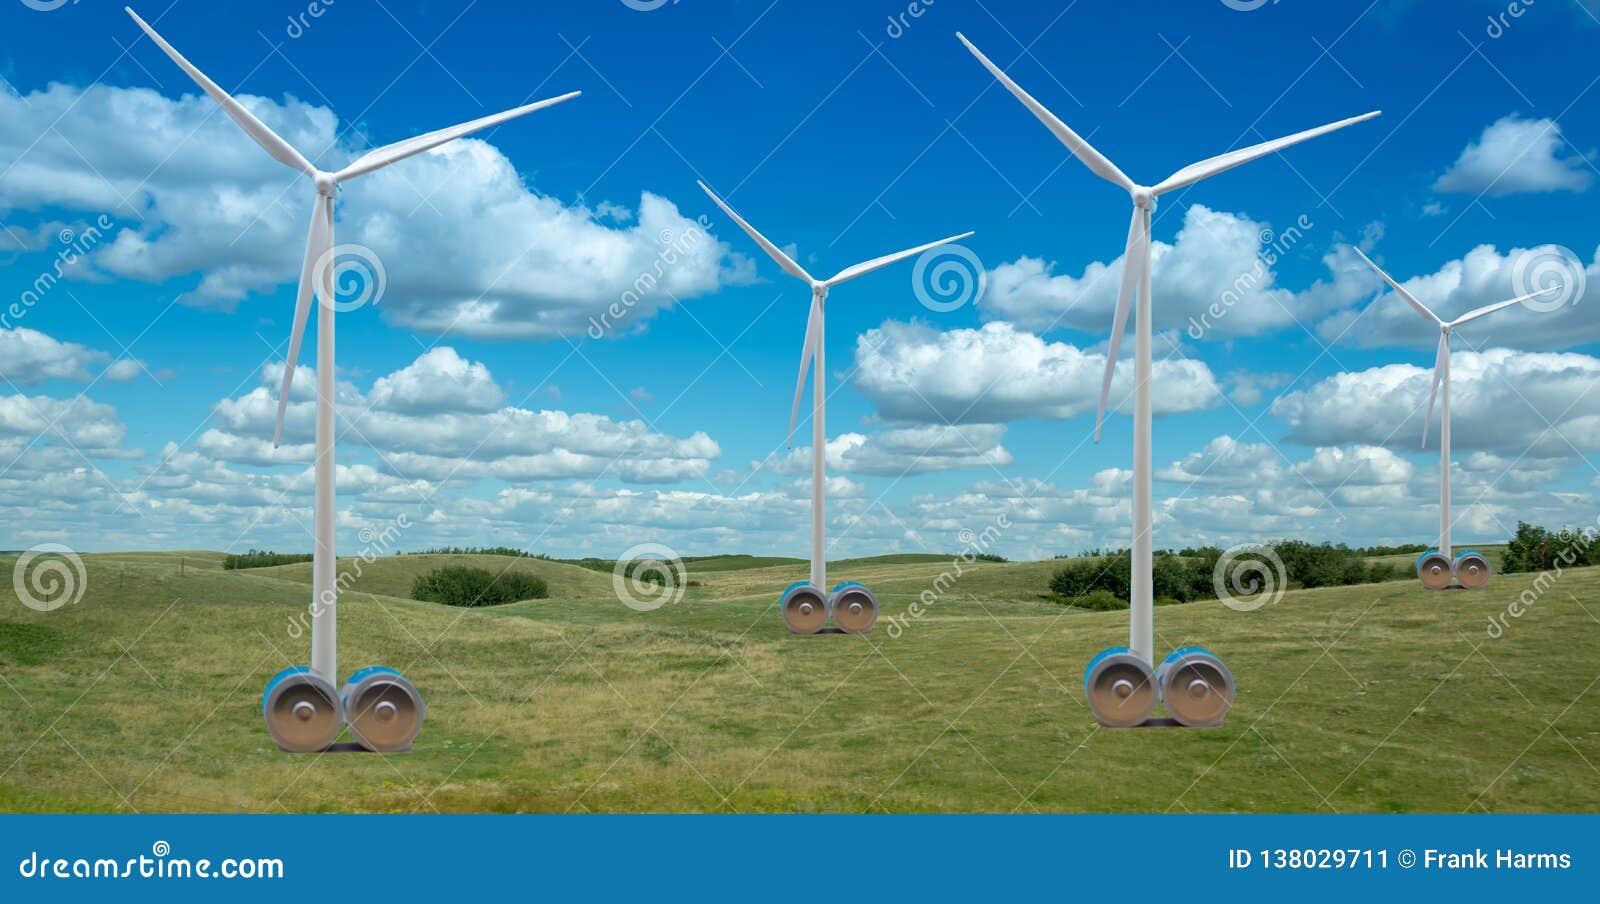 Turbinas eólicas no campo bonito com baterias enormes